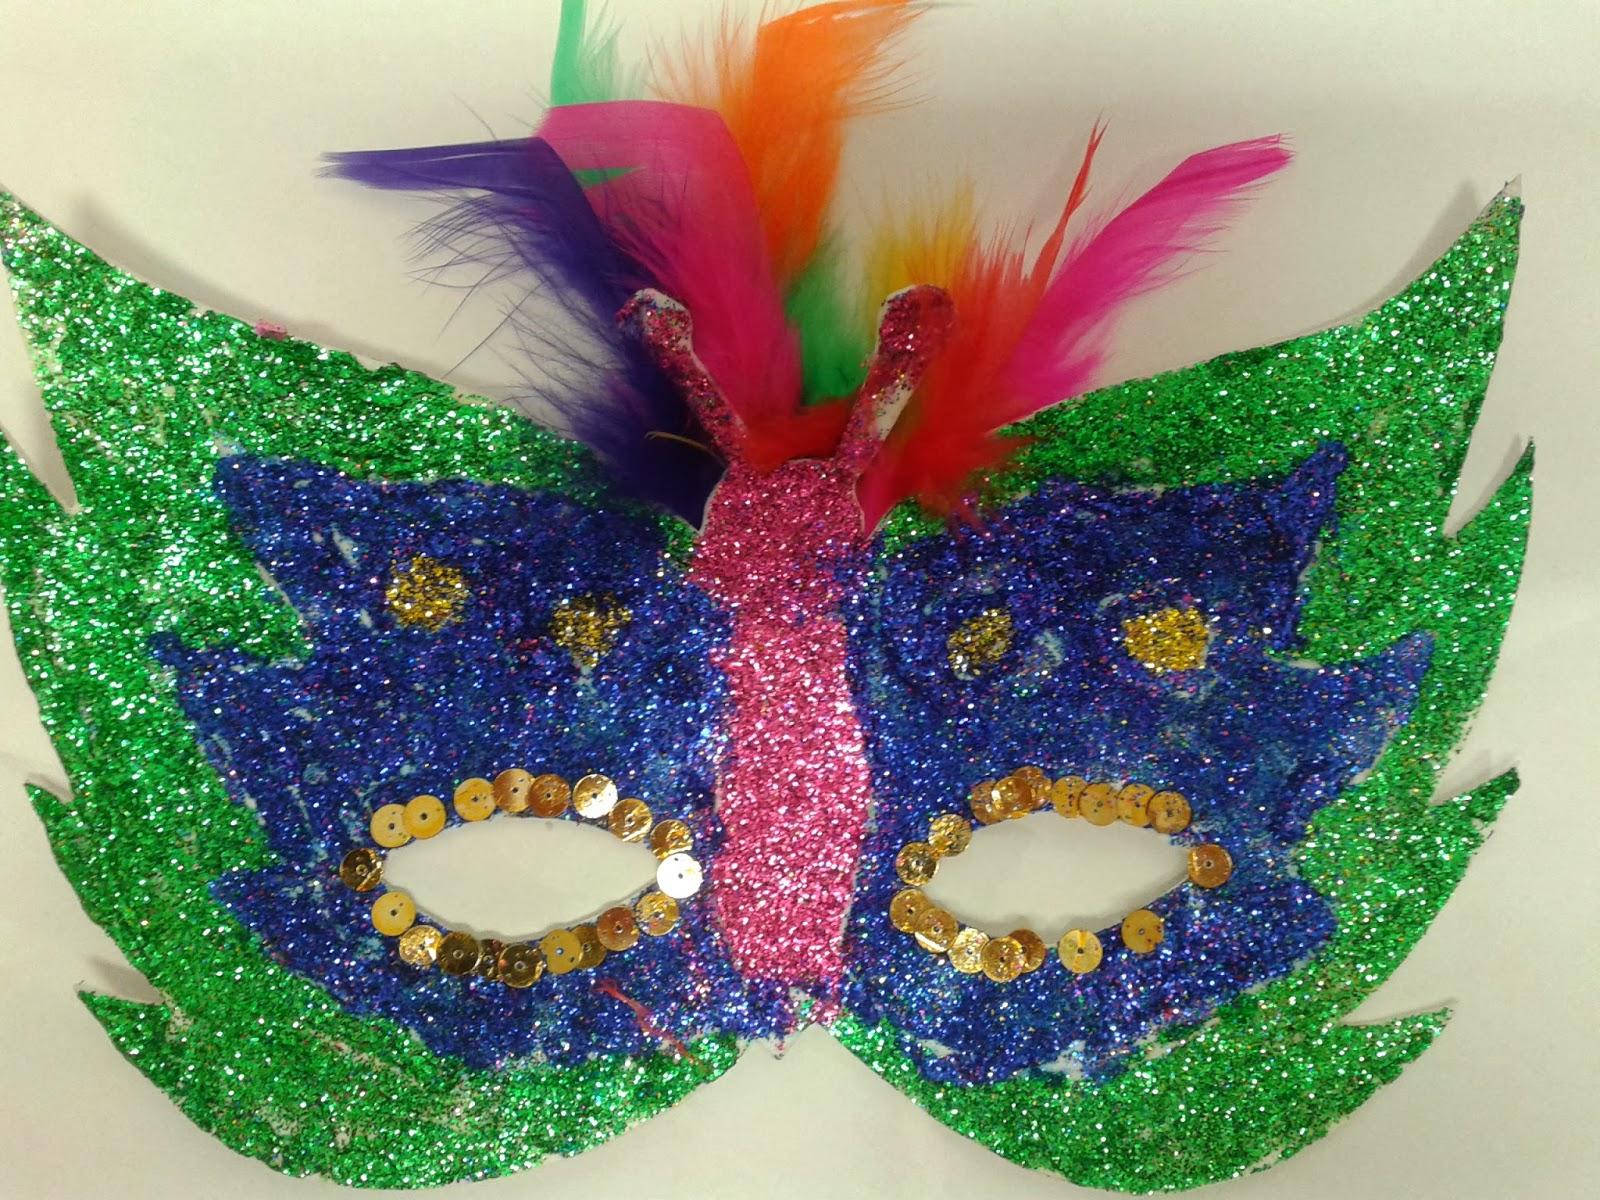 http://www.momes.net/dictionnaire/minidossiers/vocabulaire/je-sais-tout-carnaval.html